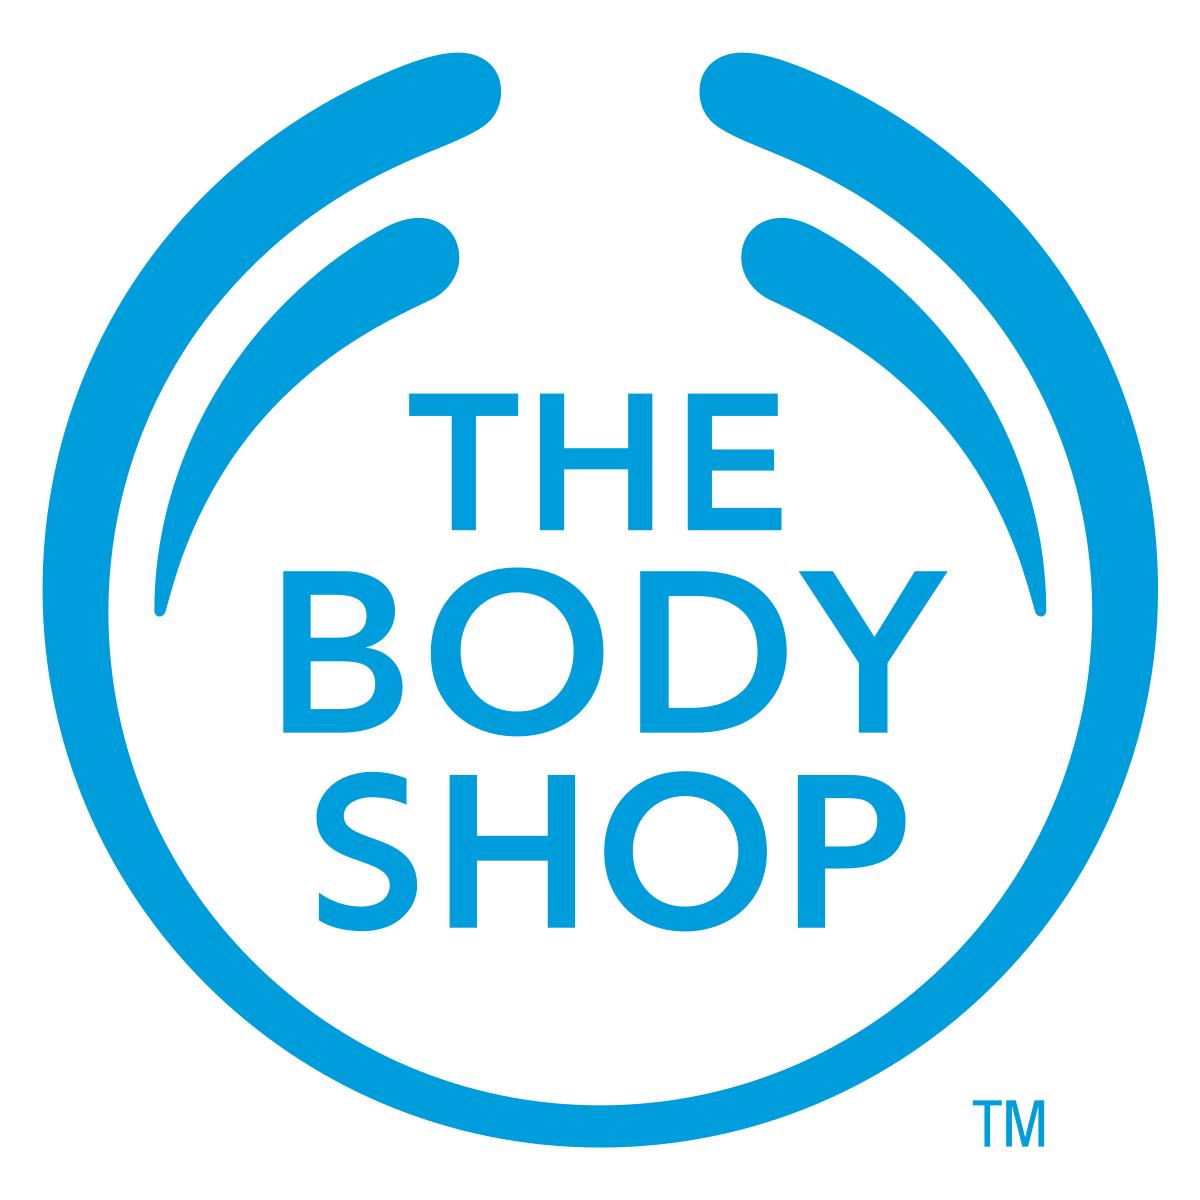 [The Body Shop] 30% Rabatt auf alles für Clubmitglieder - ausgenommen Geschenkkarten